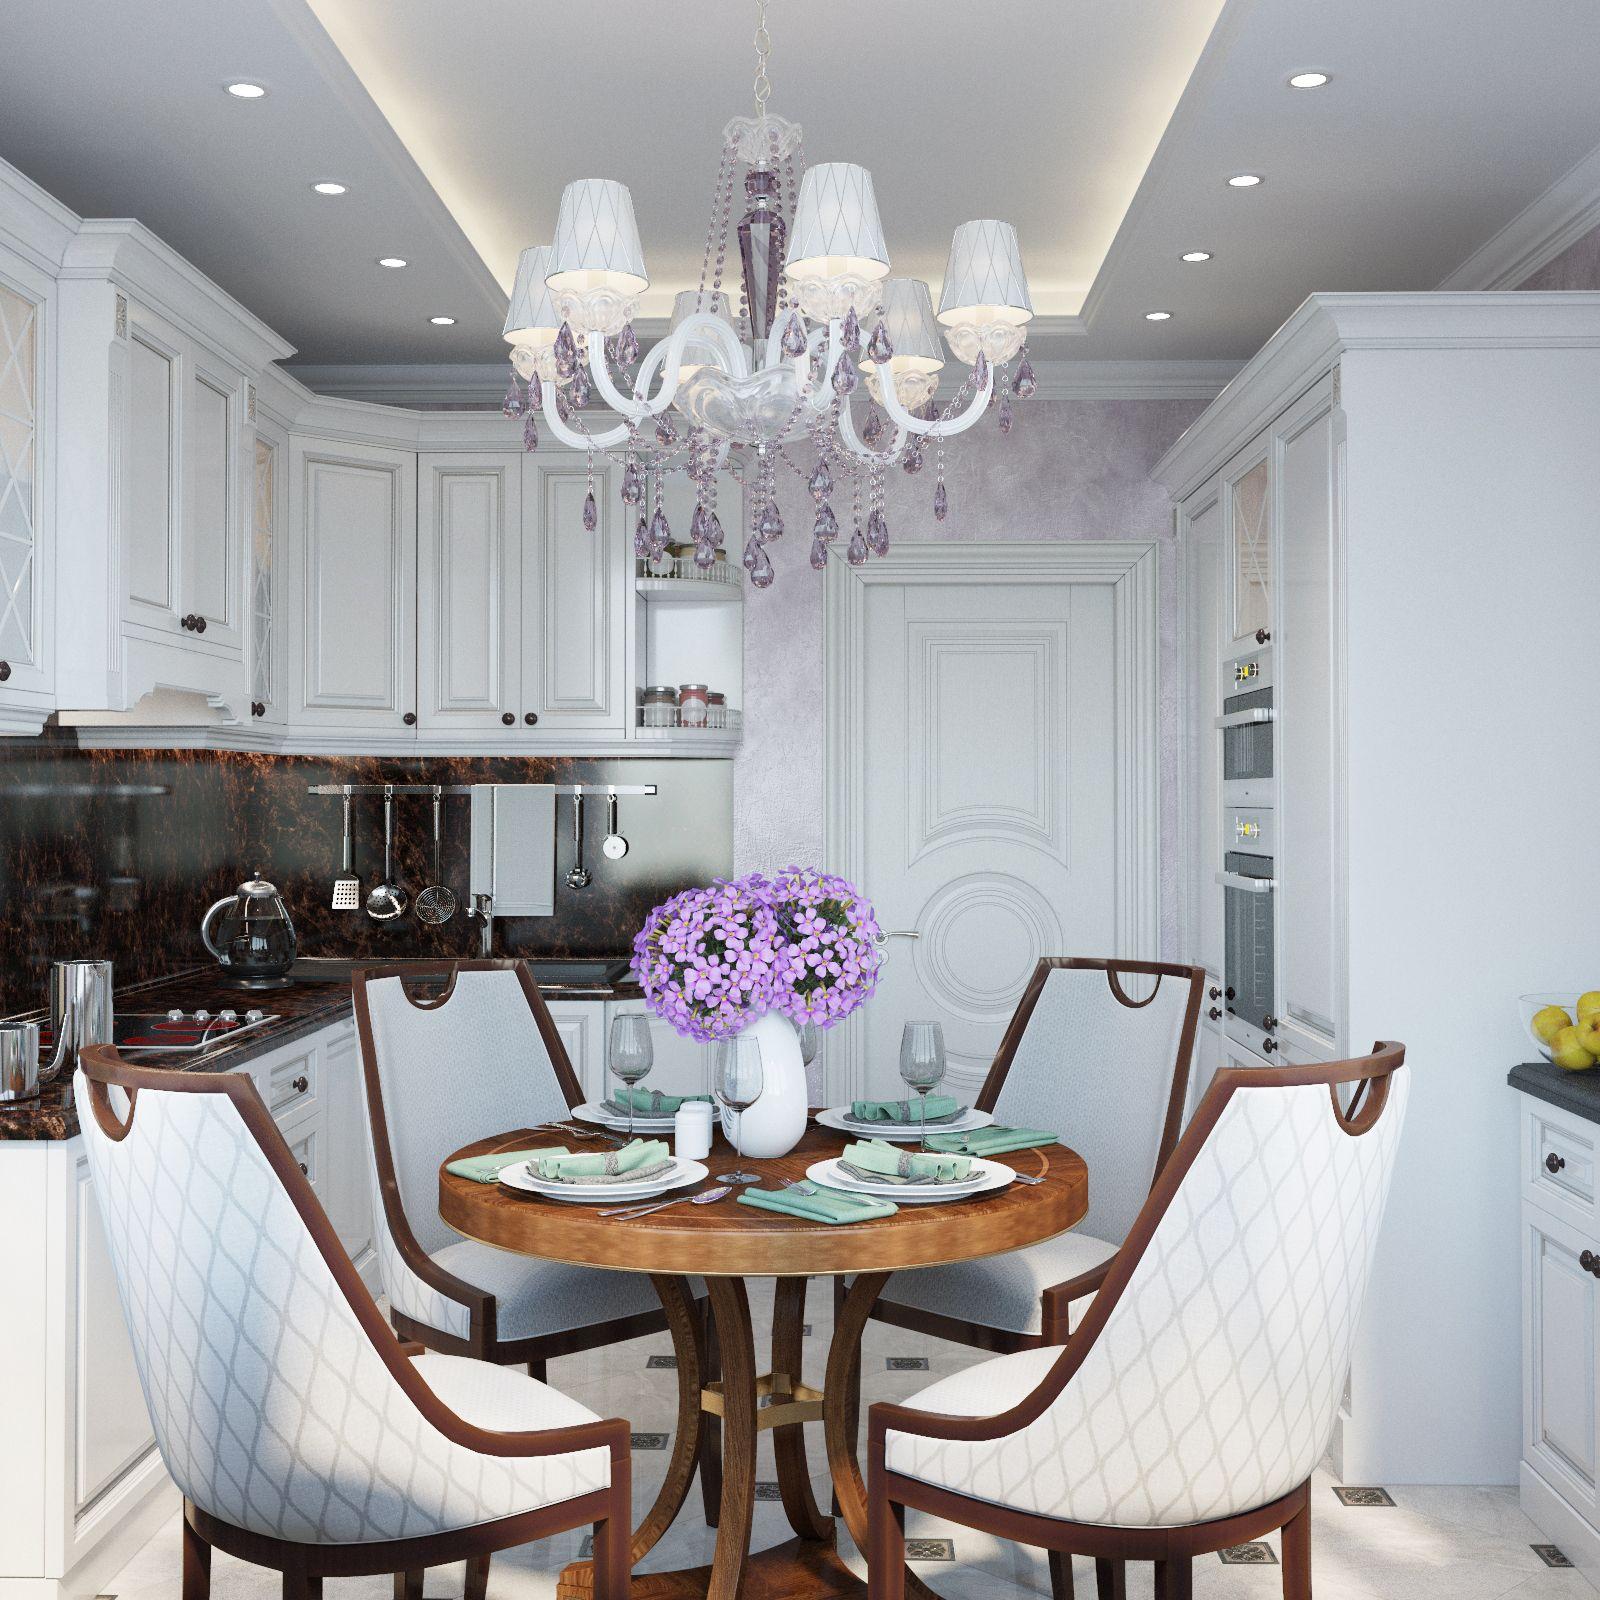 Luxury white kitchen with dark wood detailes